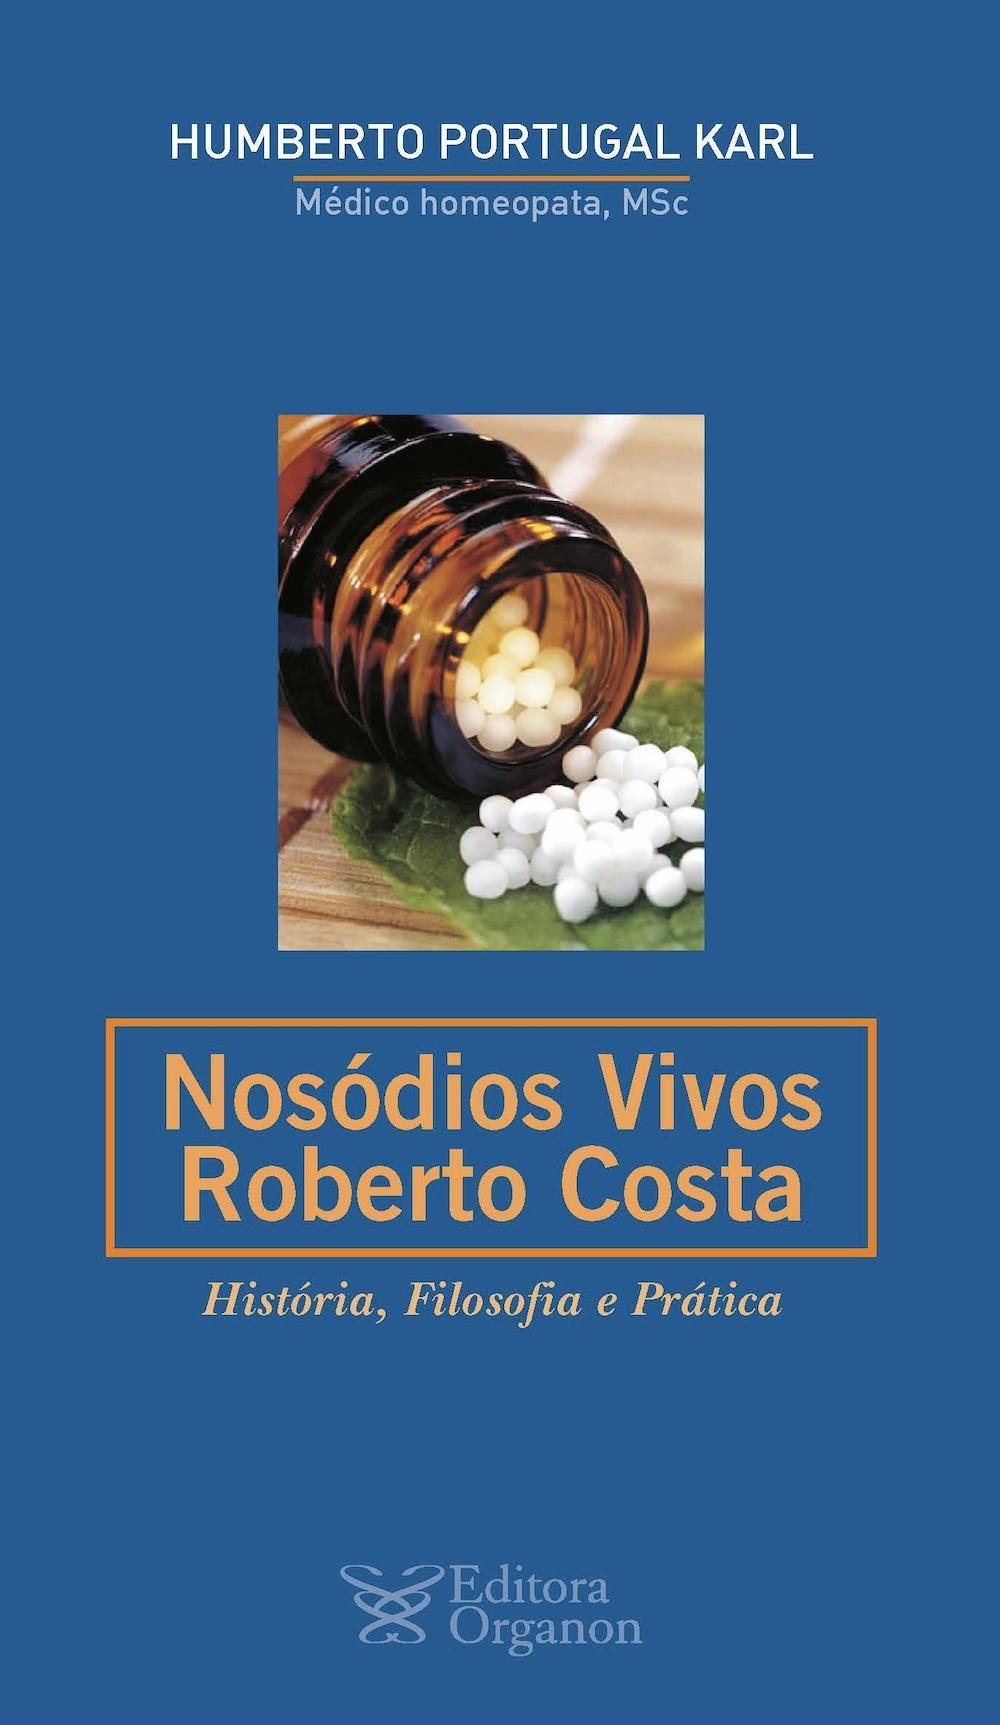 NOSÓDIOS VIVOS ROBERTO COSTA